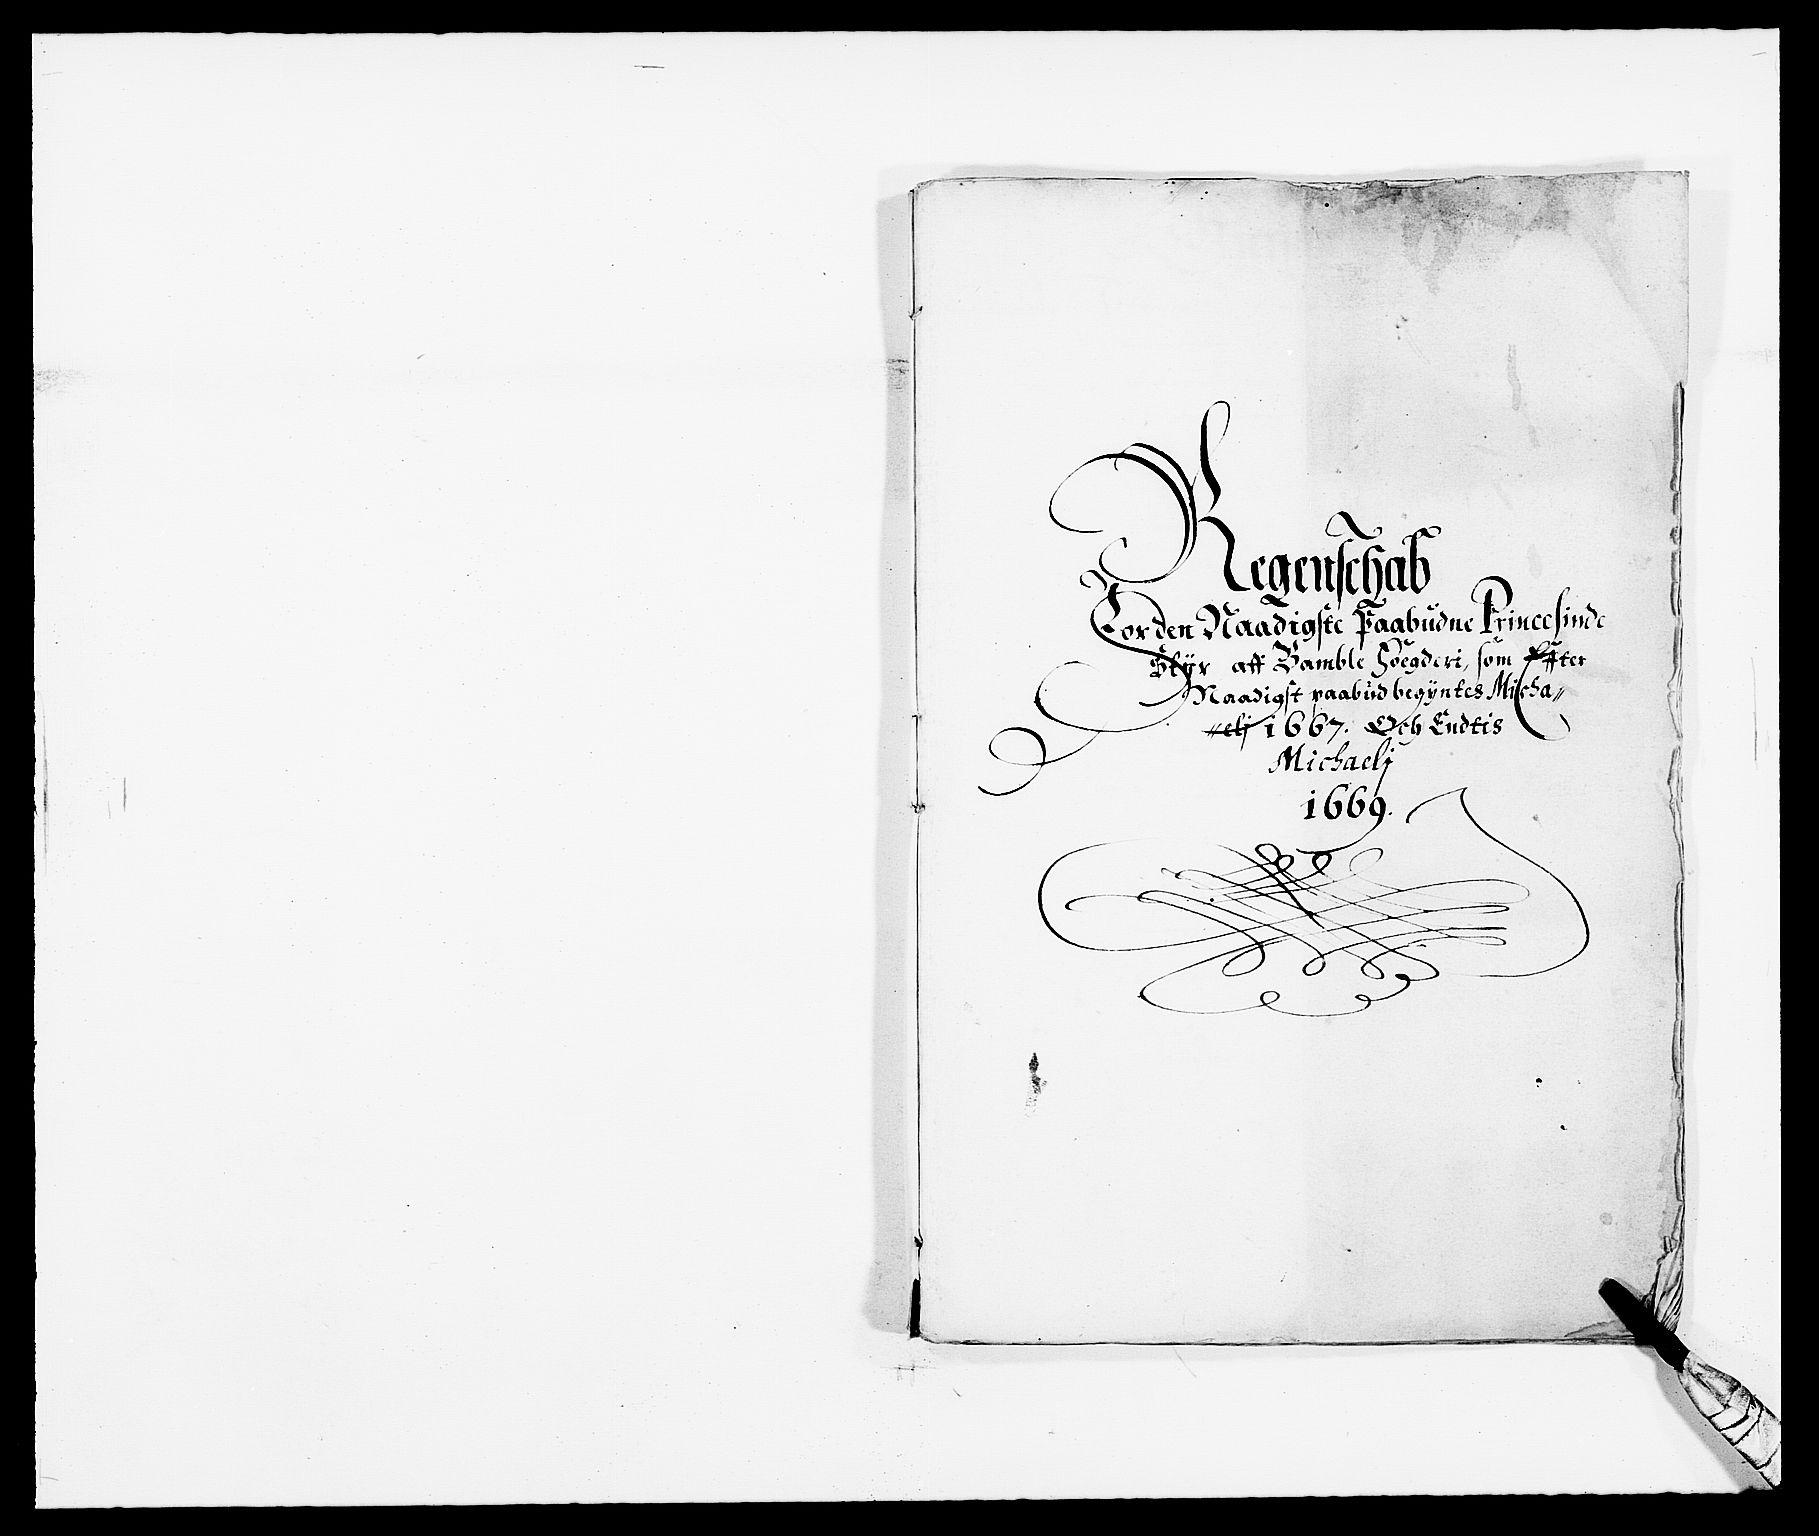 RA, Rentekammeret inntil 1814, Reviderte regnskaper, Fogderegnskap, R34/L2040: Fogderegnskap Bamble, 1662-1669, s. 264